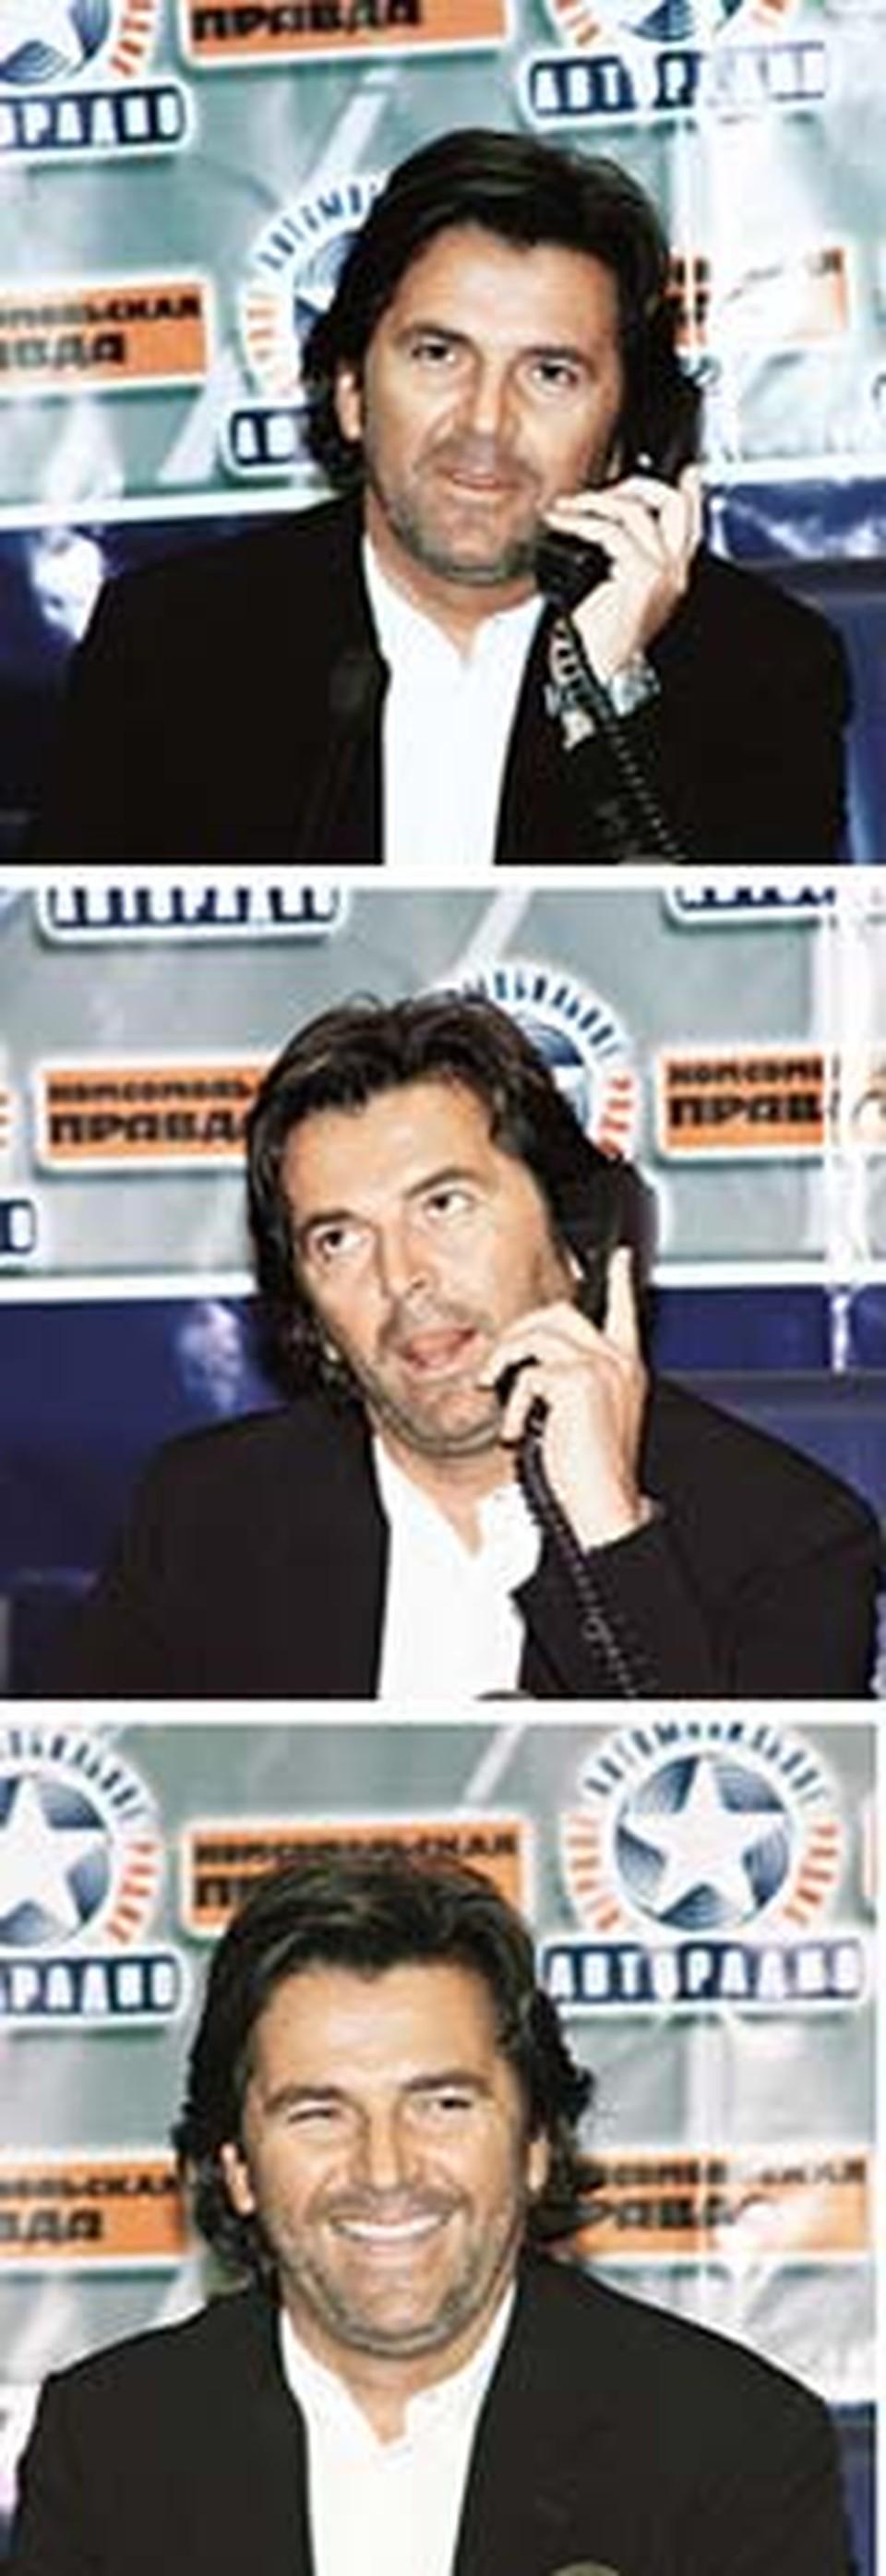 Телефоны «Комсомолки»  разрывались от звонков, а герой дня  был терпелив и улыбчив.  - Больше всего люблю... м-м-м... средиземноморскую кухню и свою жену......а вот о русских девушках лучше спрашивайте у моих музыкантов!